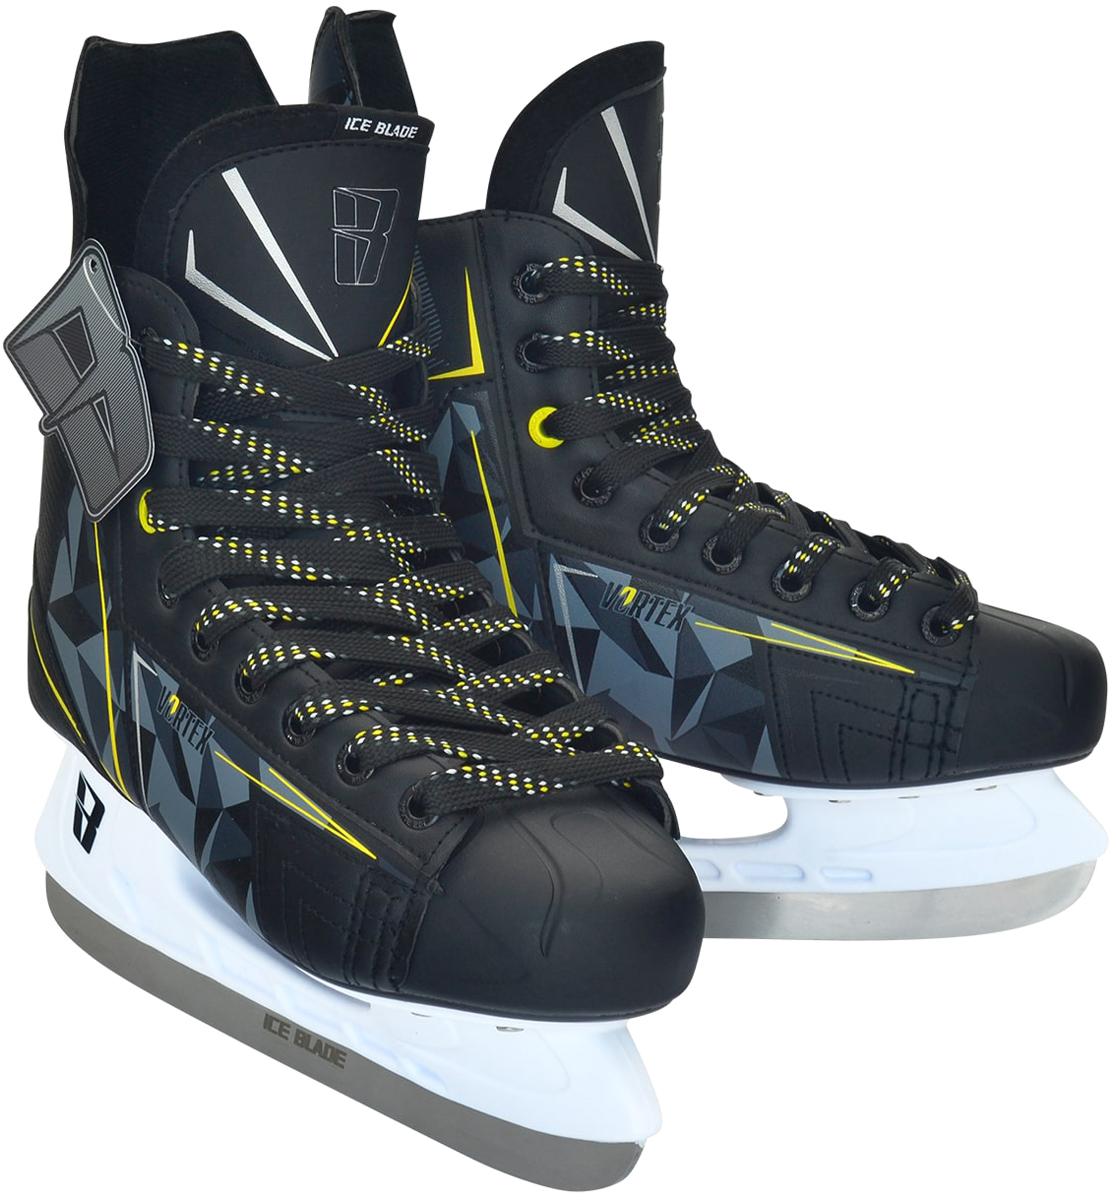 Коньки хоккейные мужские Ice Blade Vortex, цвет: серый, желтый, белый. Размер 41УТ-00010444Хоккейные коньки Ice Blade Vortex являются официальной лицензионной продукцией Континентальной Хоккейной Лиги (КХЛ). Это прекрасная любительская модель коньков с уникальным стильным ассиметричным дизайном, выполненным в новой стилистической концепции КХЛ. Модель выполнена из износостойких материалов, устойчивых к порезам. Усиленная жесткость ботинка для более уверенного катания. Дополнительные вставки из EVA и MEMORY foam обеспечат комфорт. Лезвие выполнено из высокоуглеродистой стали с покрытием из никеля. Шнуровка надежно зафиксирует модель на ноге.Коньки подходят для использования на открытом и закрытом льду.